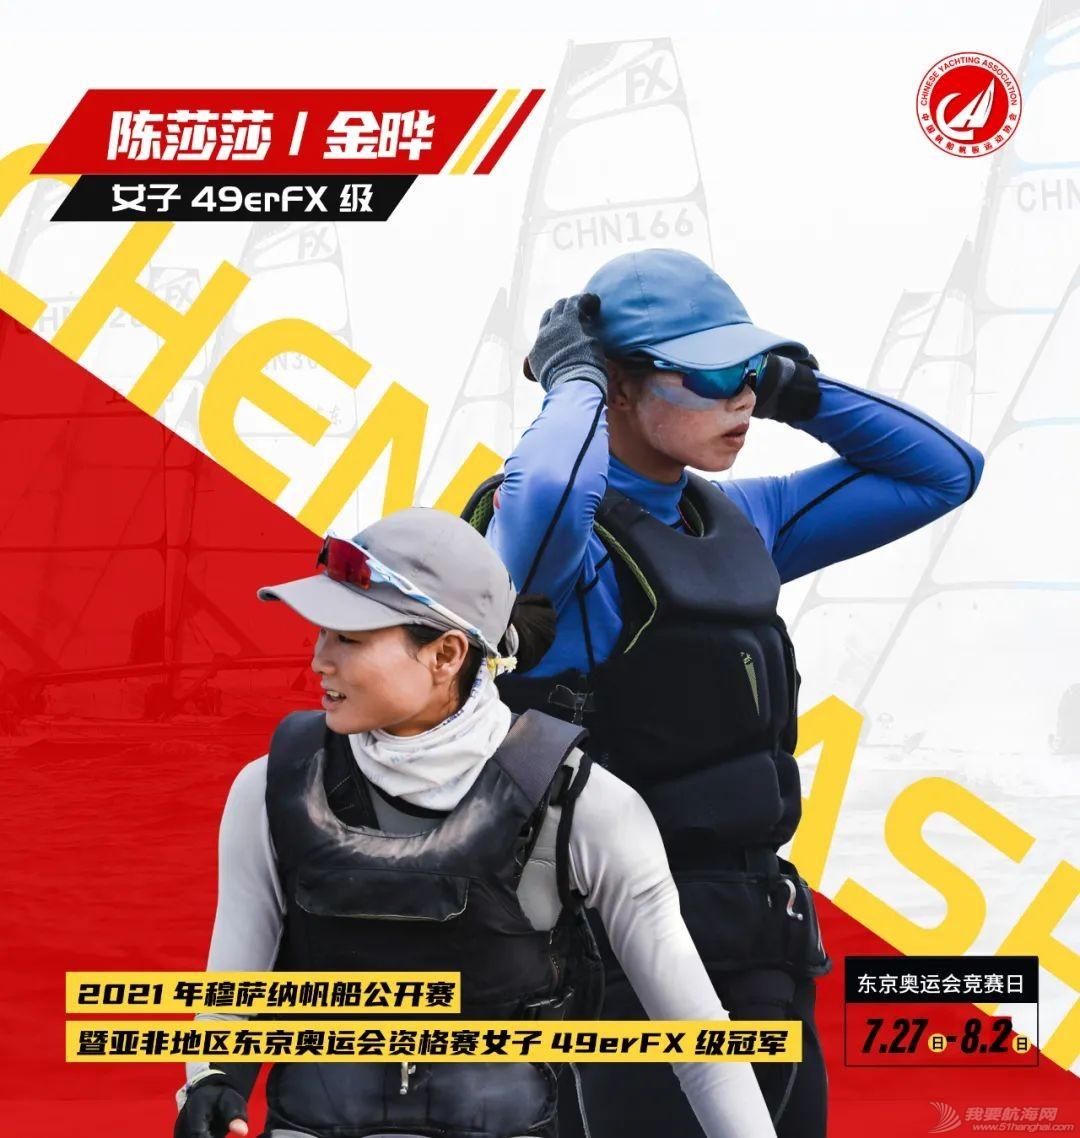 东京奥运会帆船比赛开赛在即,这份观赛指南请收好   扬帆东京-Day14w21.jpg